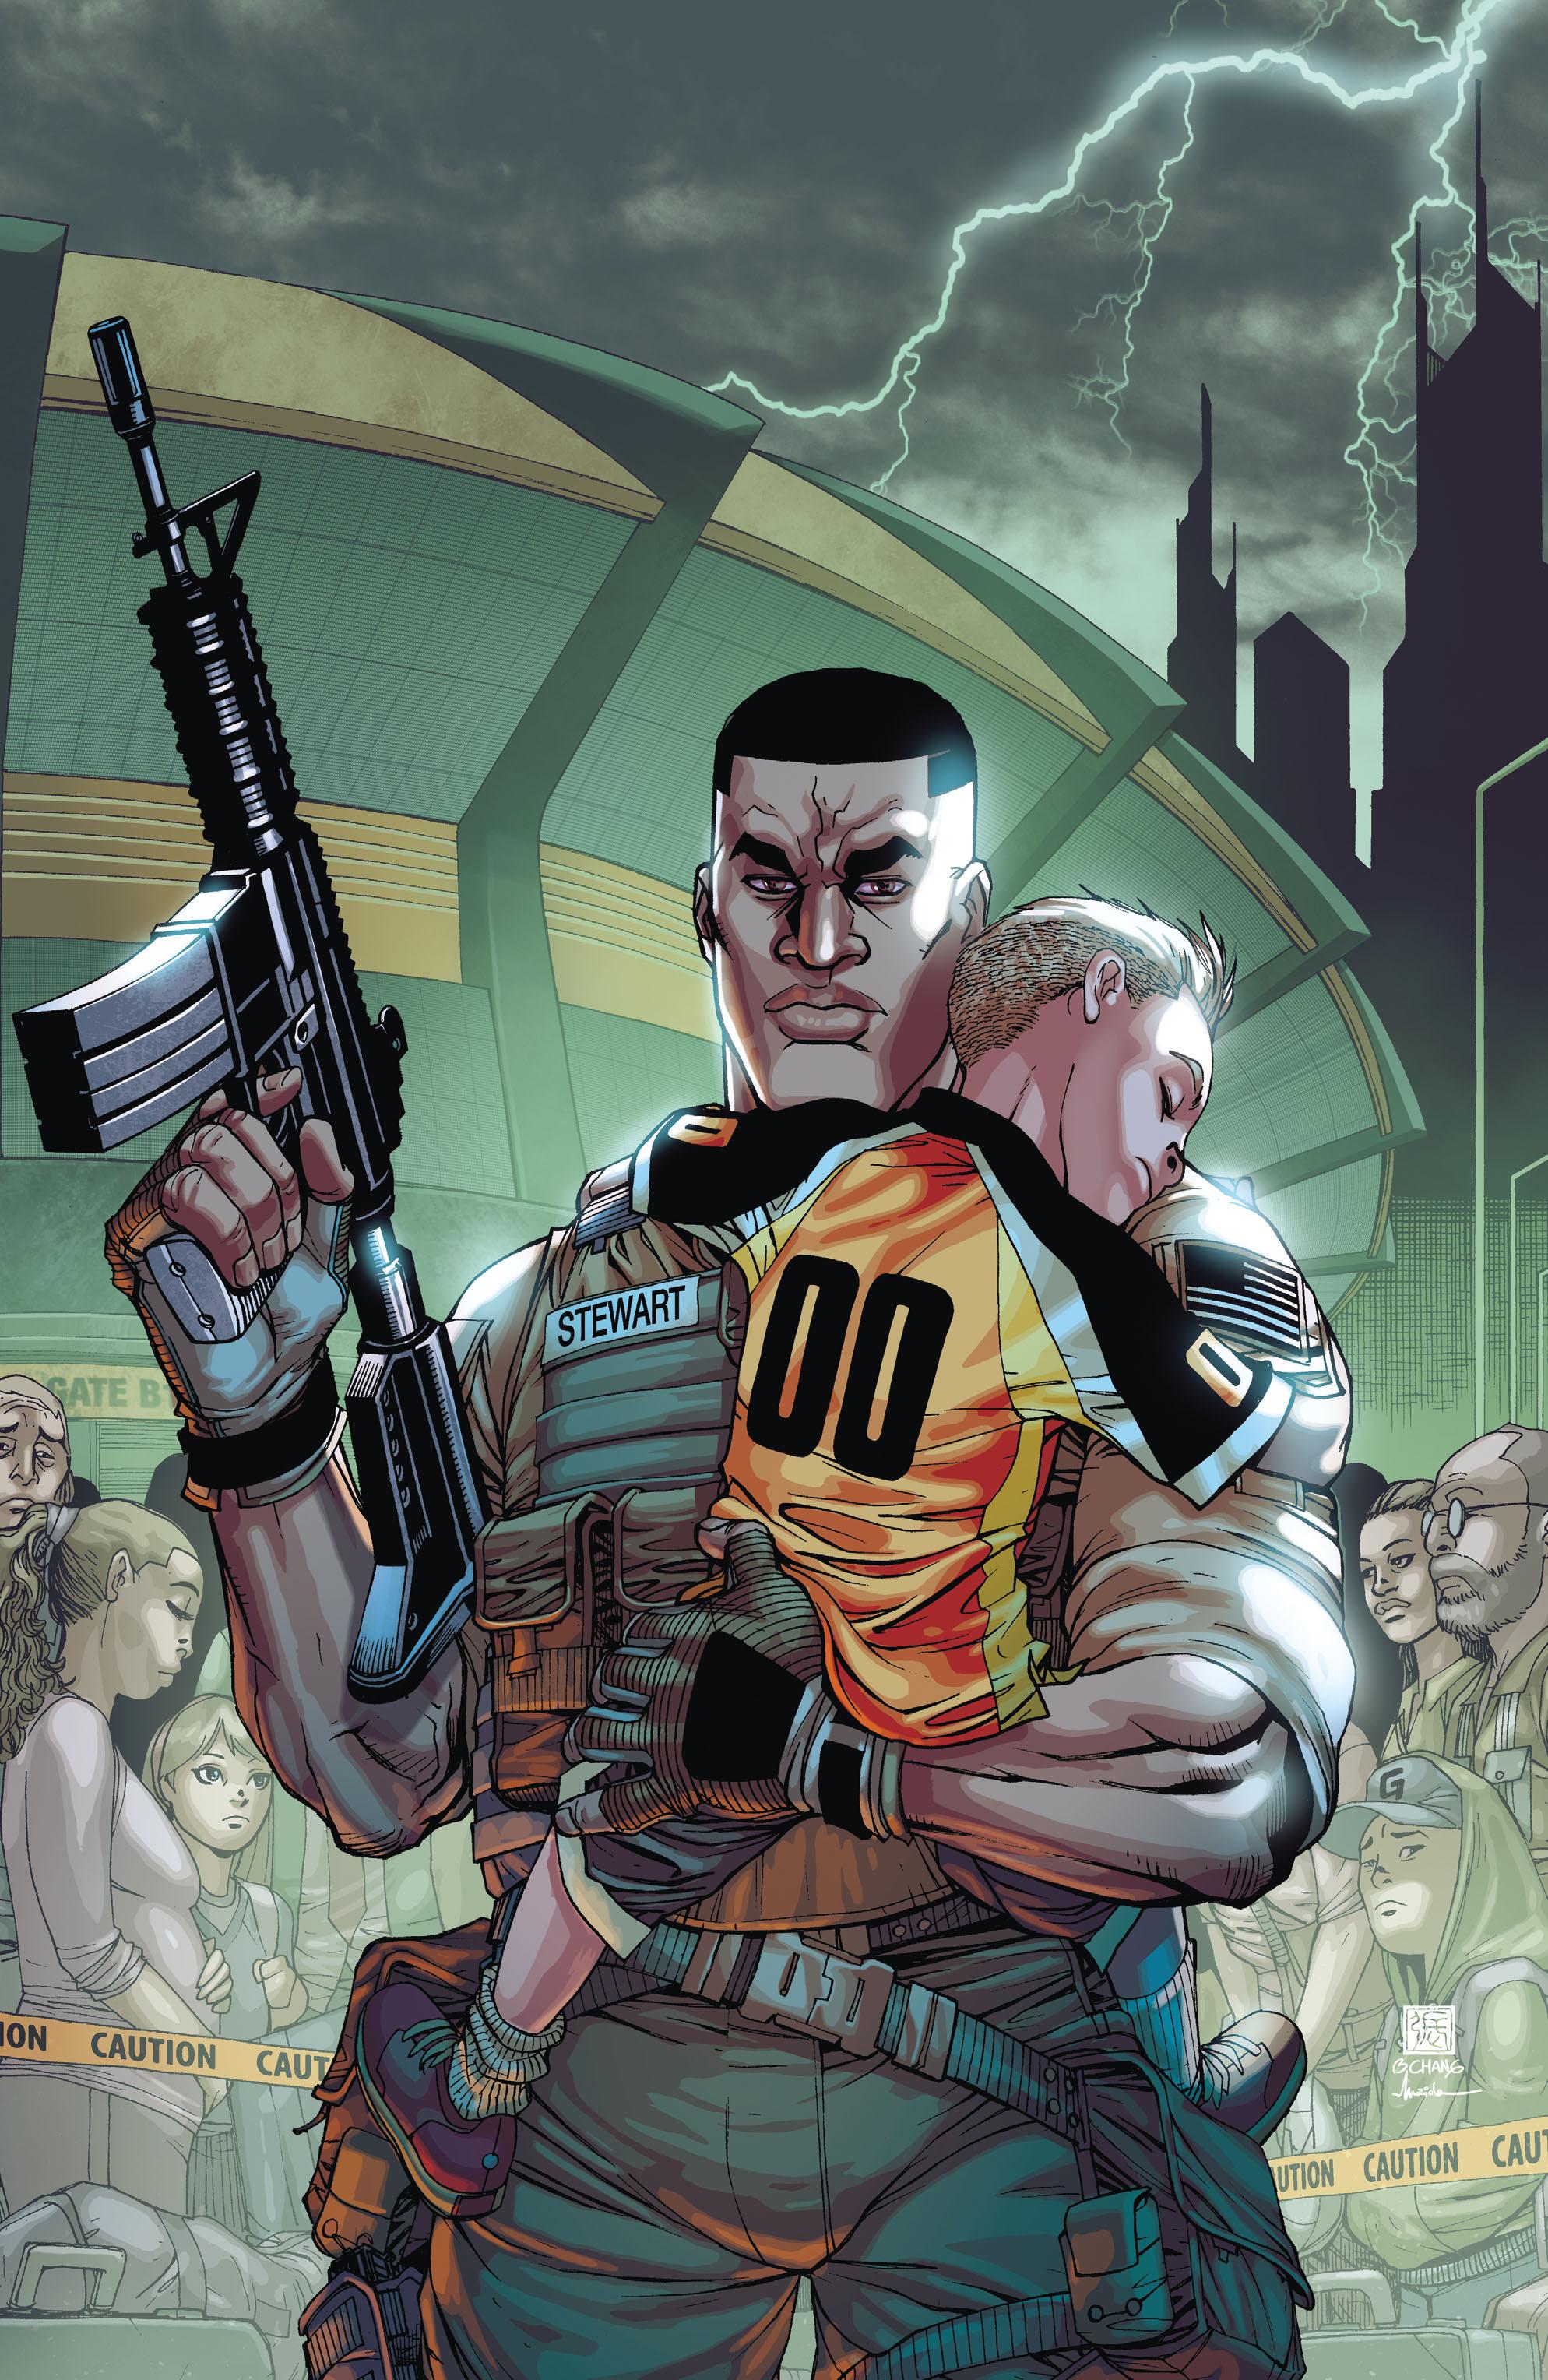 DC Comics: Zero Year chap tpb pic 312